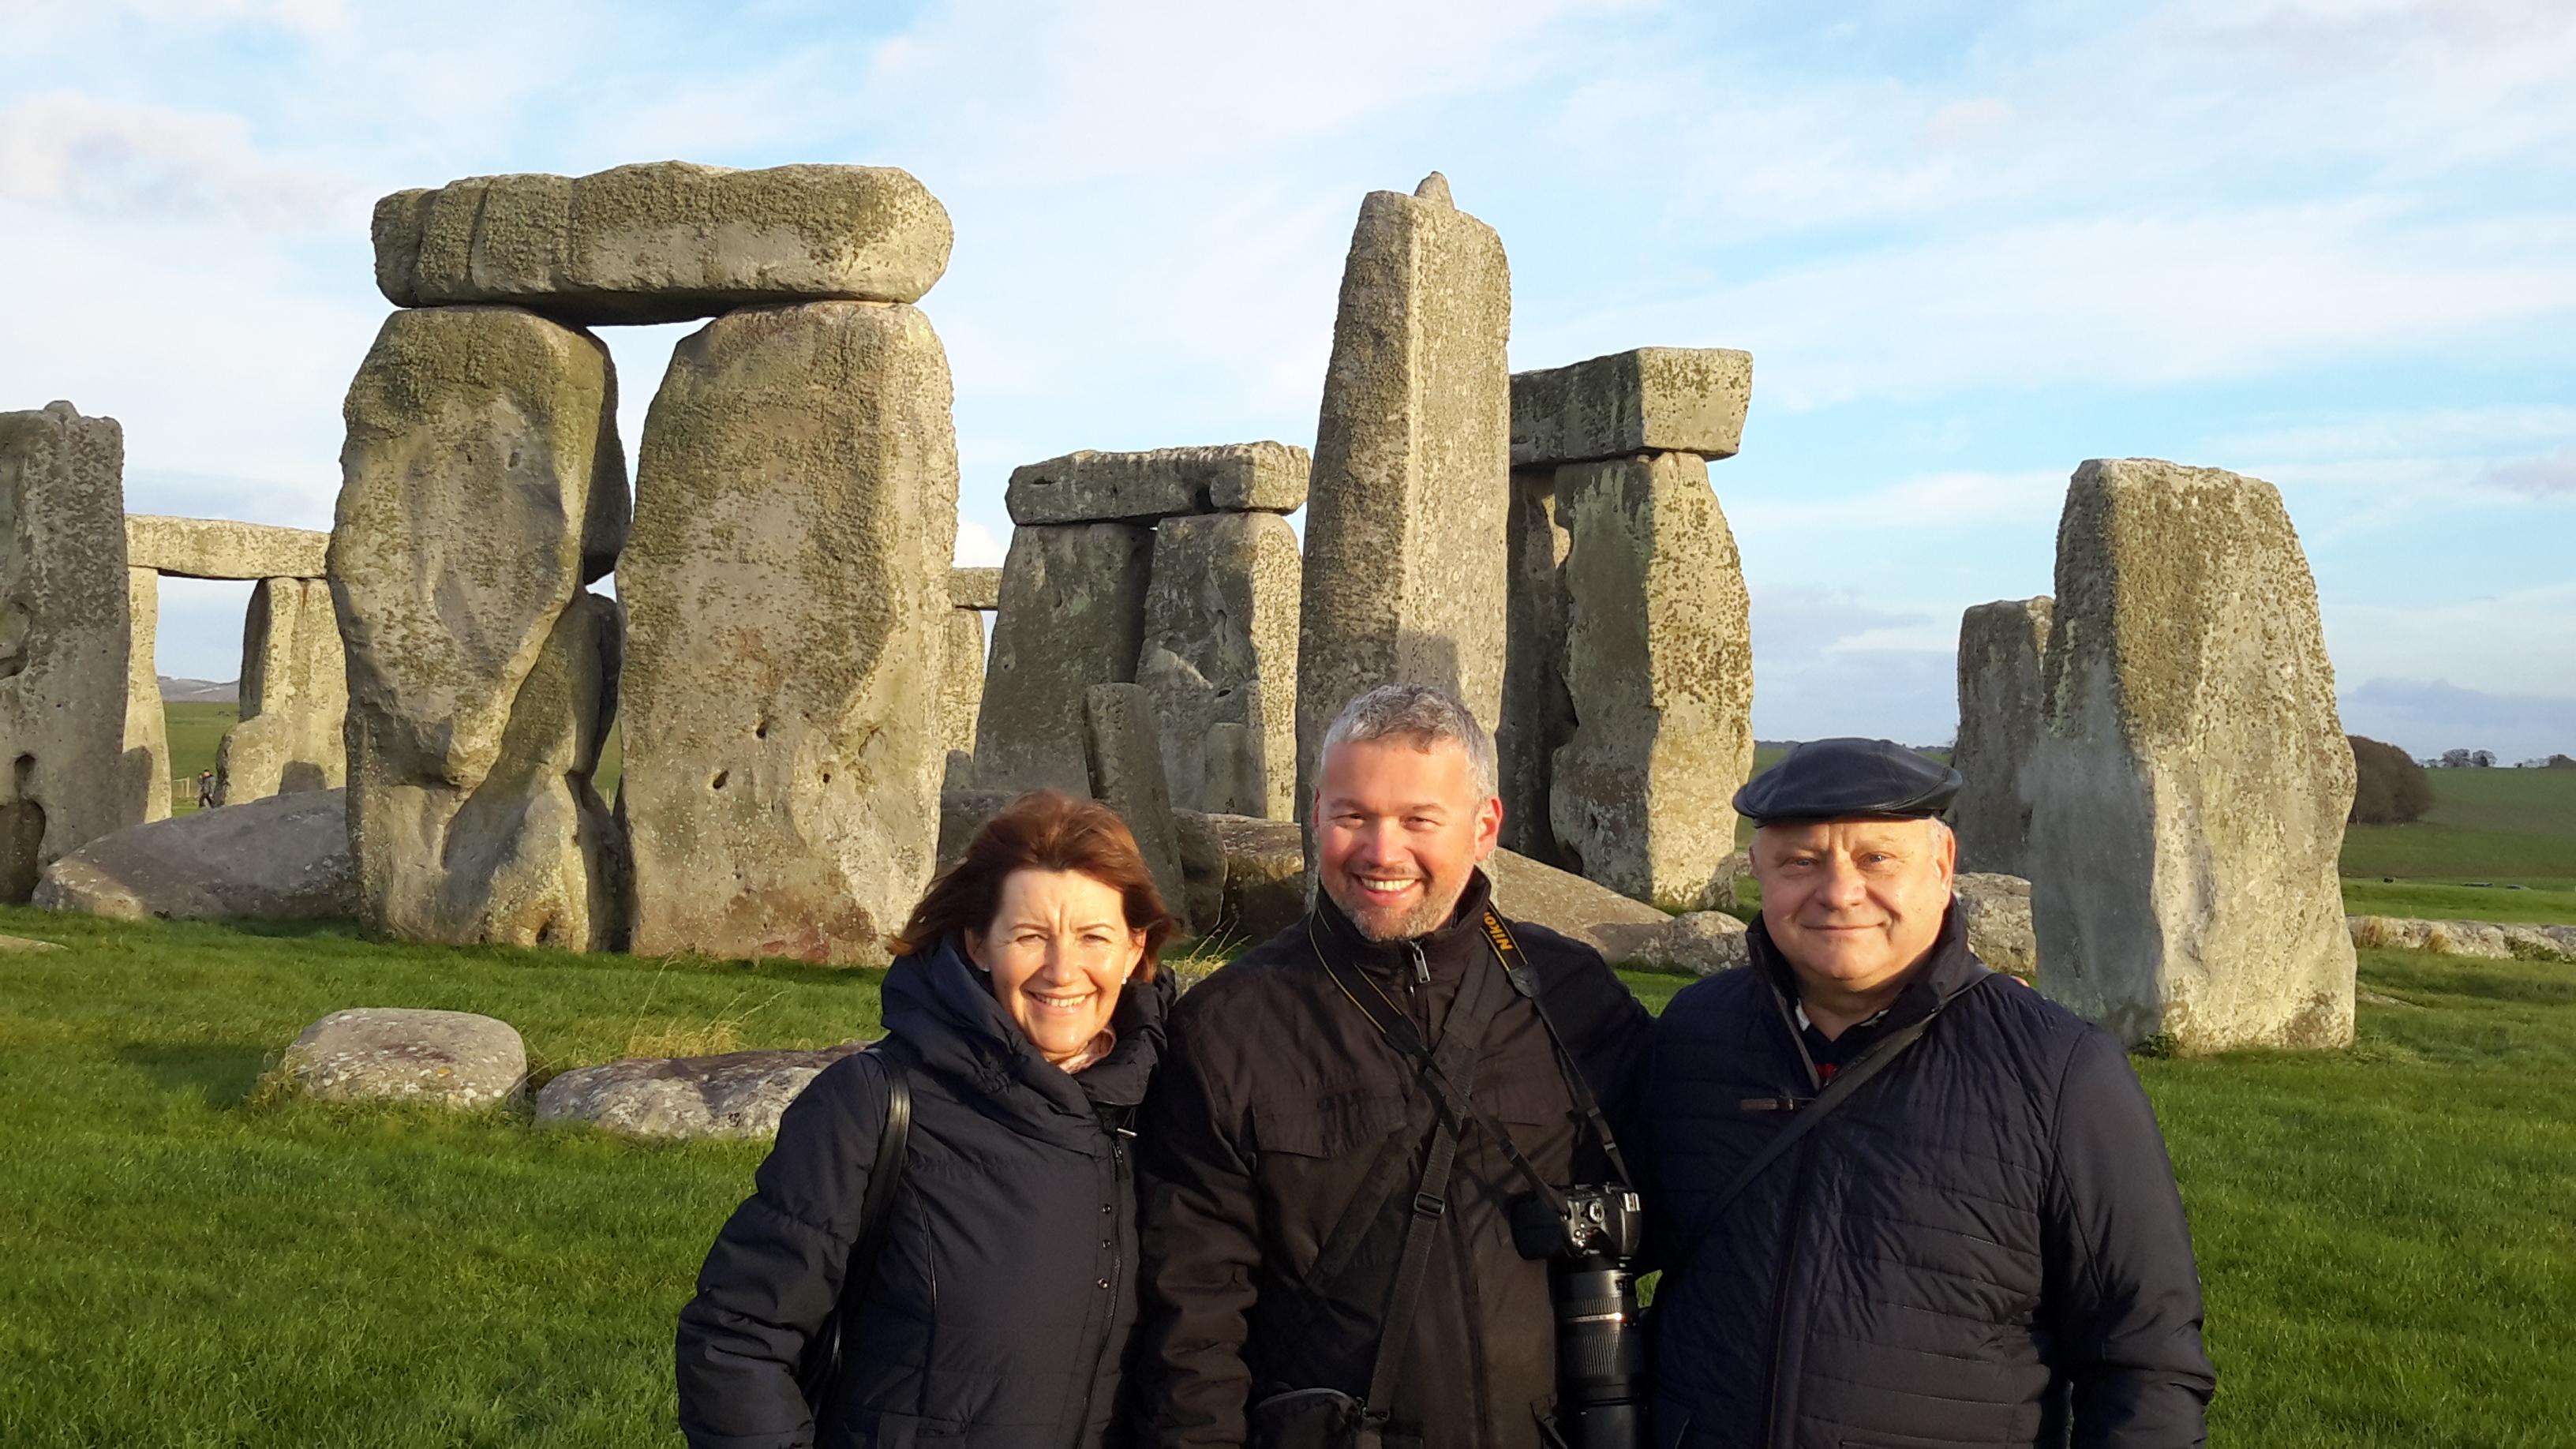 Sokakhoz eljutott a jelenkor üzenete a régmúlt különleges köveitől. A képen a Gyémánt Hálózatigazgató párral, Lőrincz Marikával és Jánossal a Biocom angliai partnercégének vezetője, Bánfi Zoltán (középen).